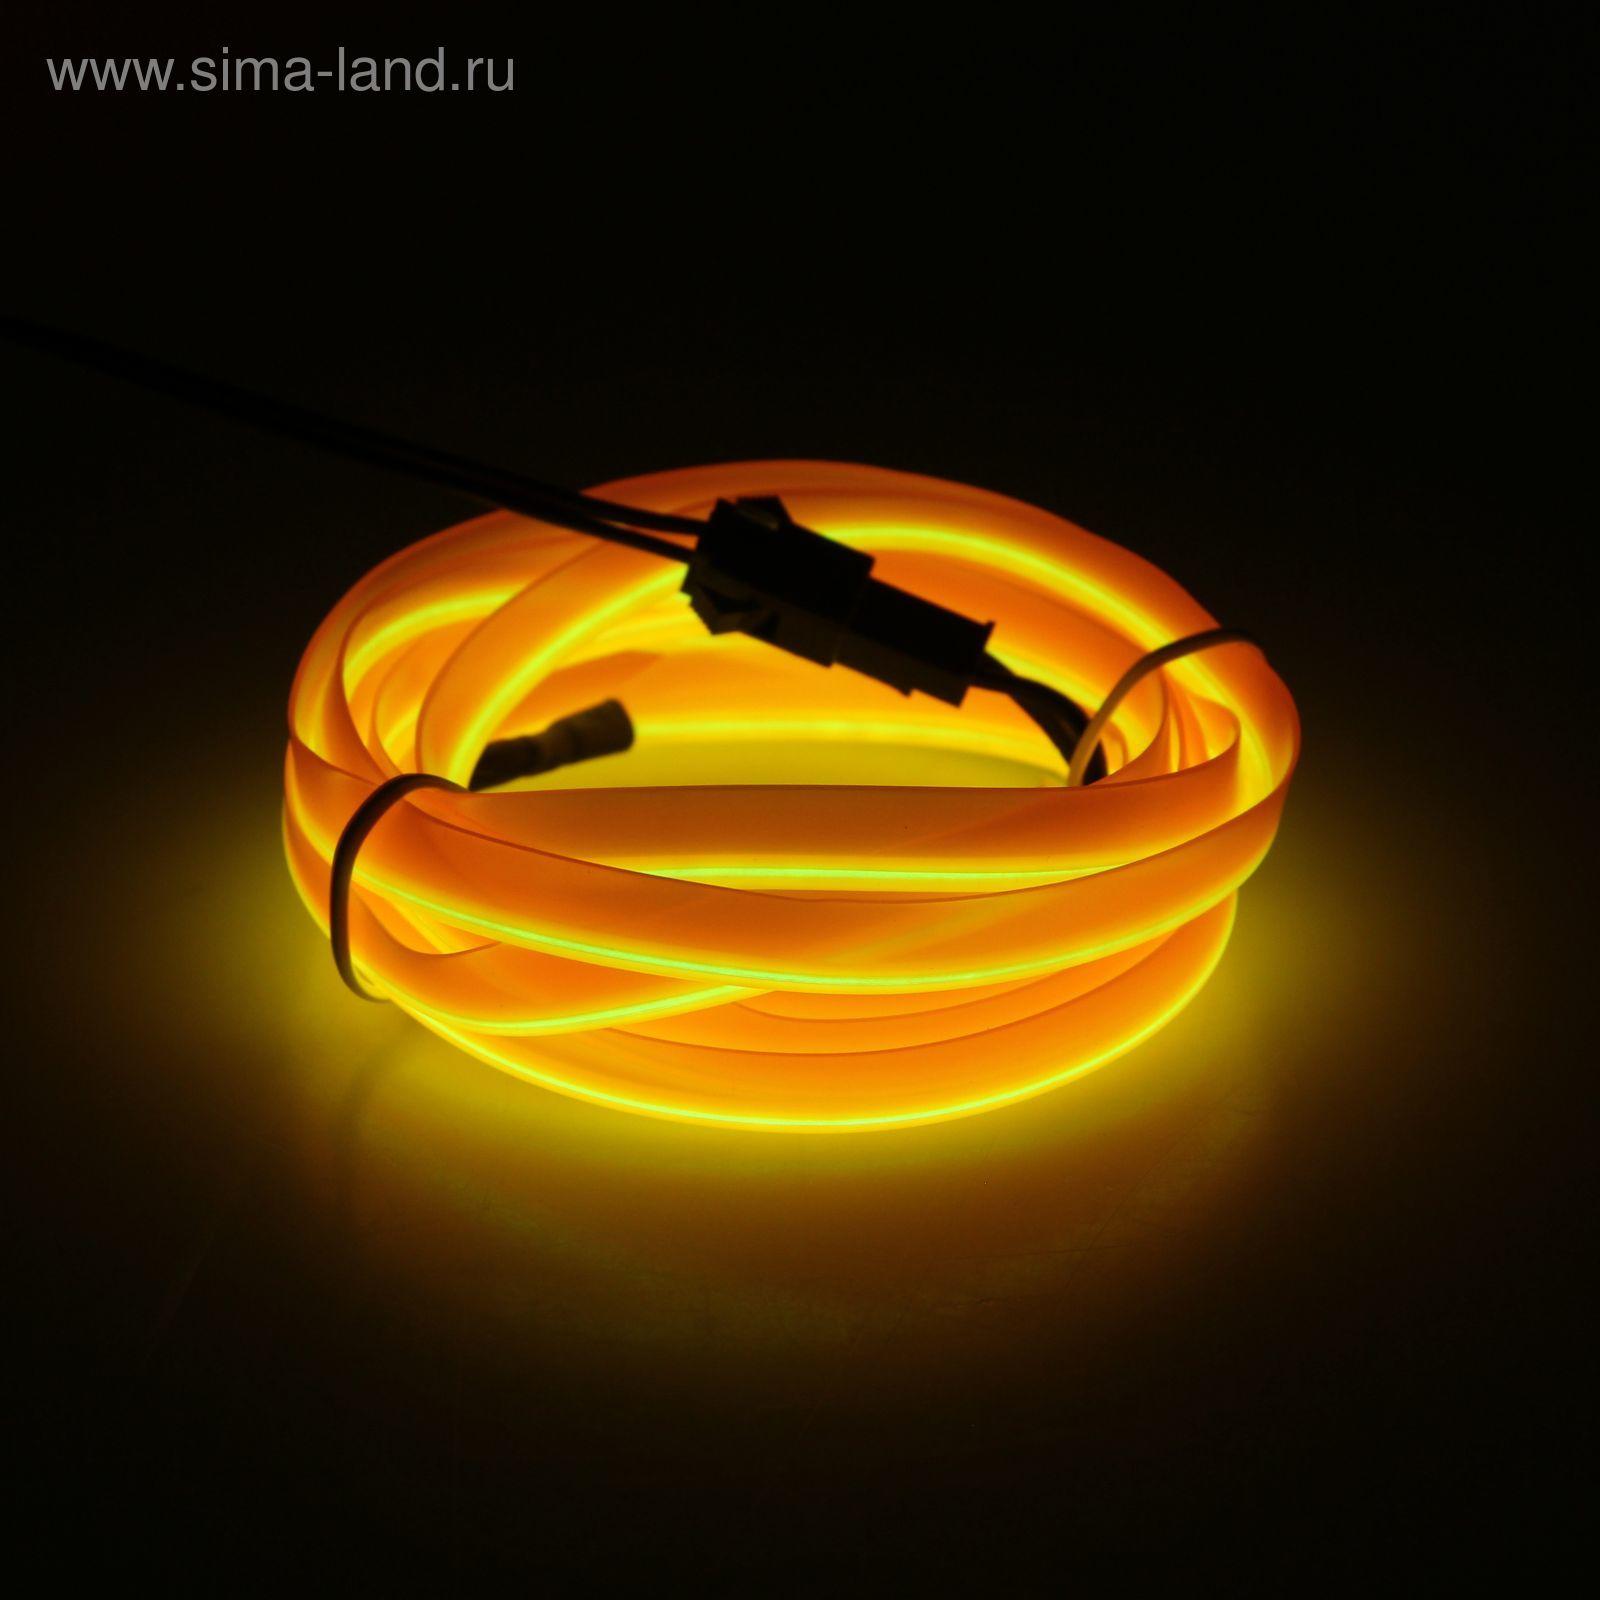 Неоновая нить для подсветки салона, плоская, 12 В, 2 м, с источником питания, желтая